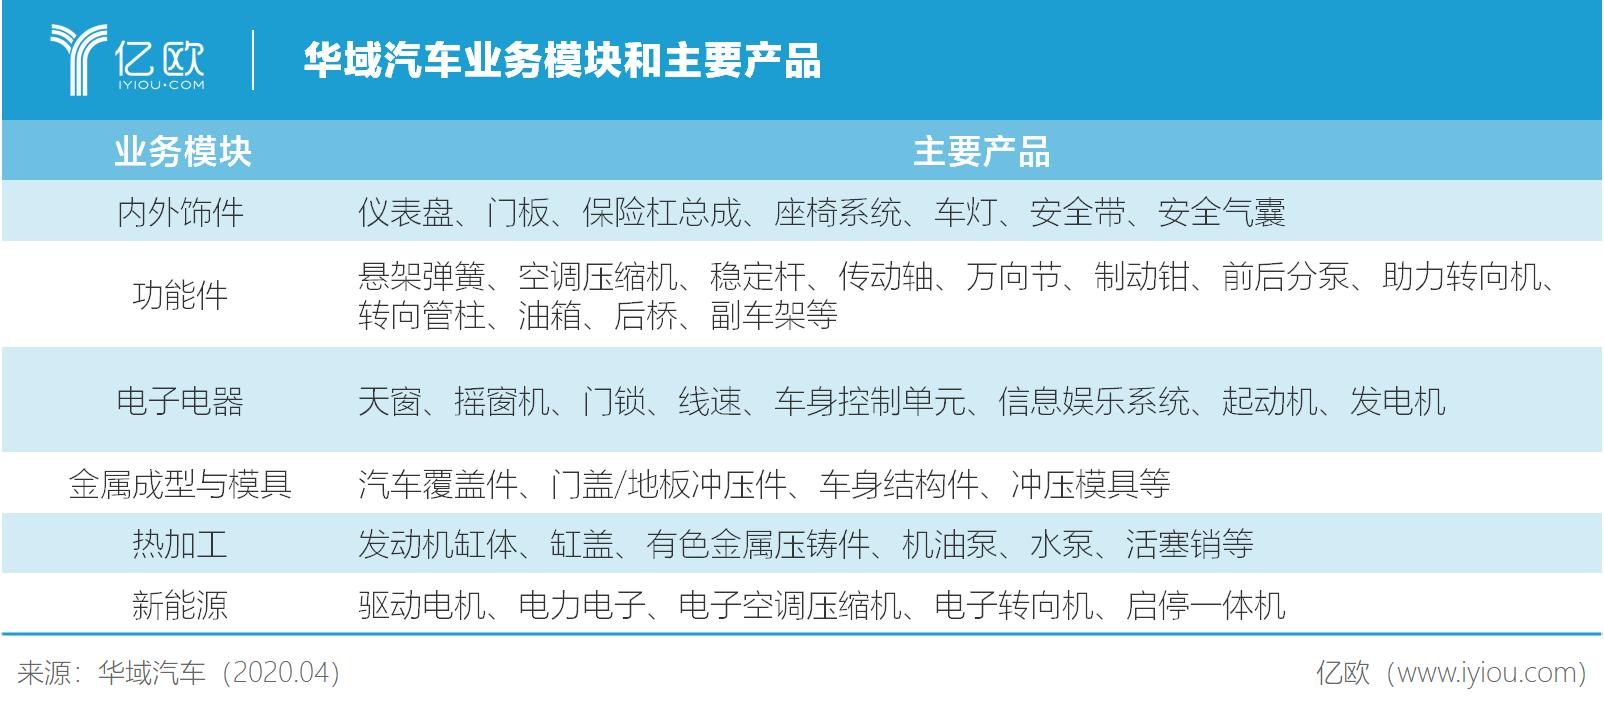 华域汽车业务模块和主要产品